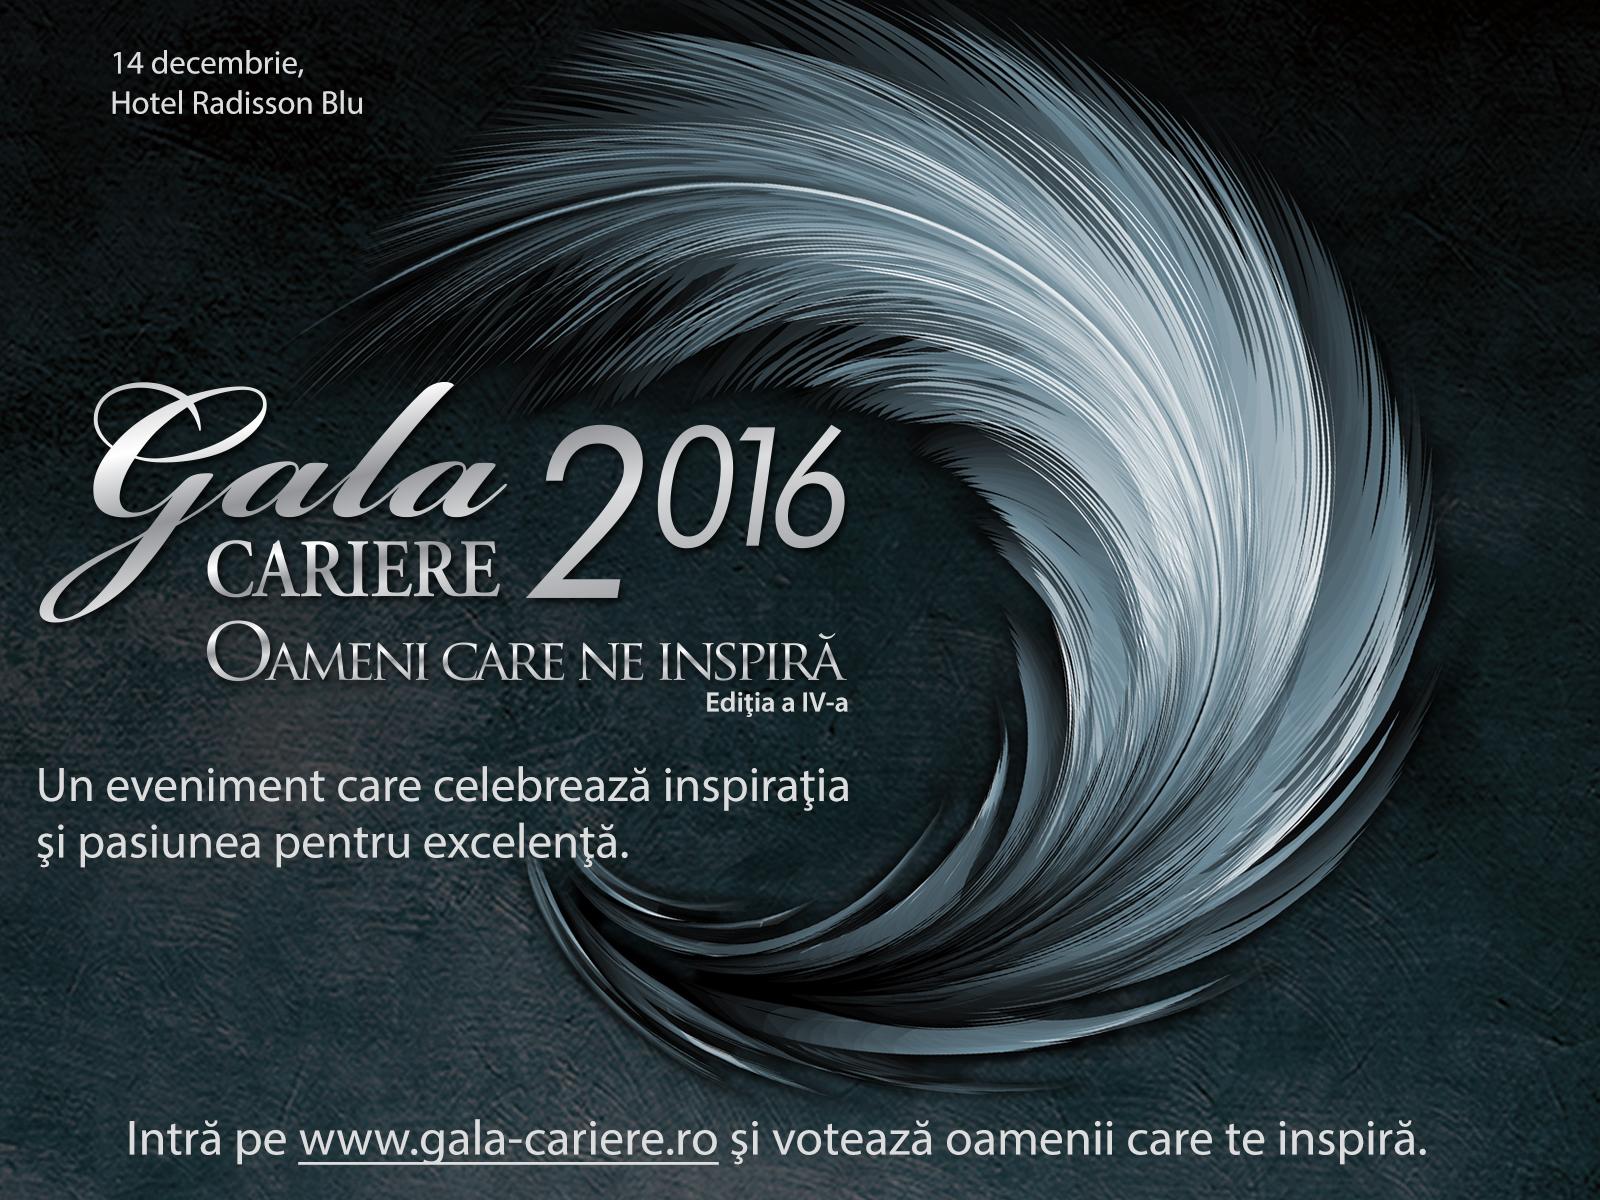 Oamenii care ne inspira, la Gala Premiilor CARIERE 2016